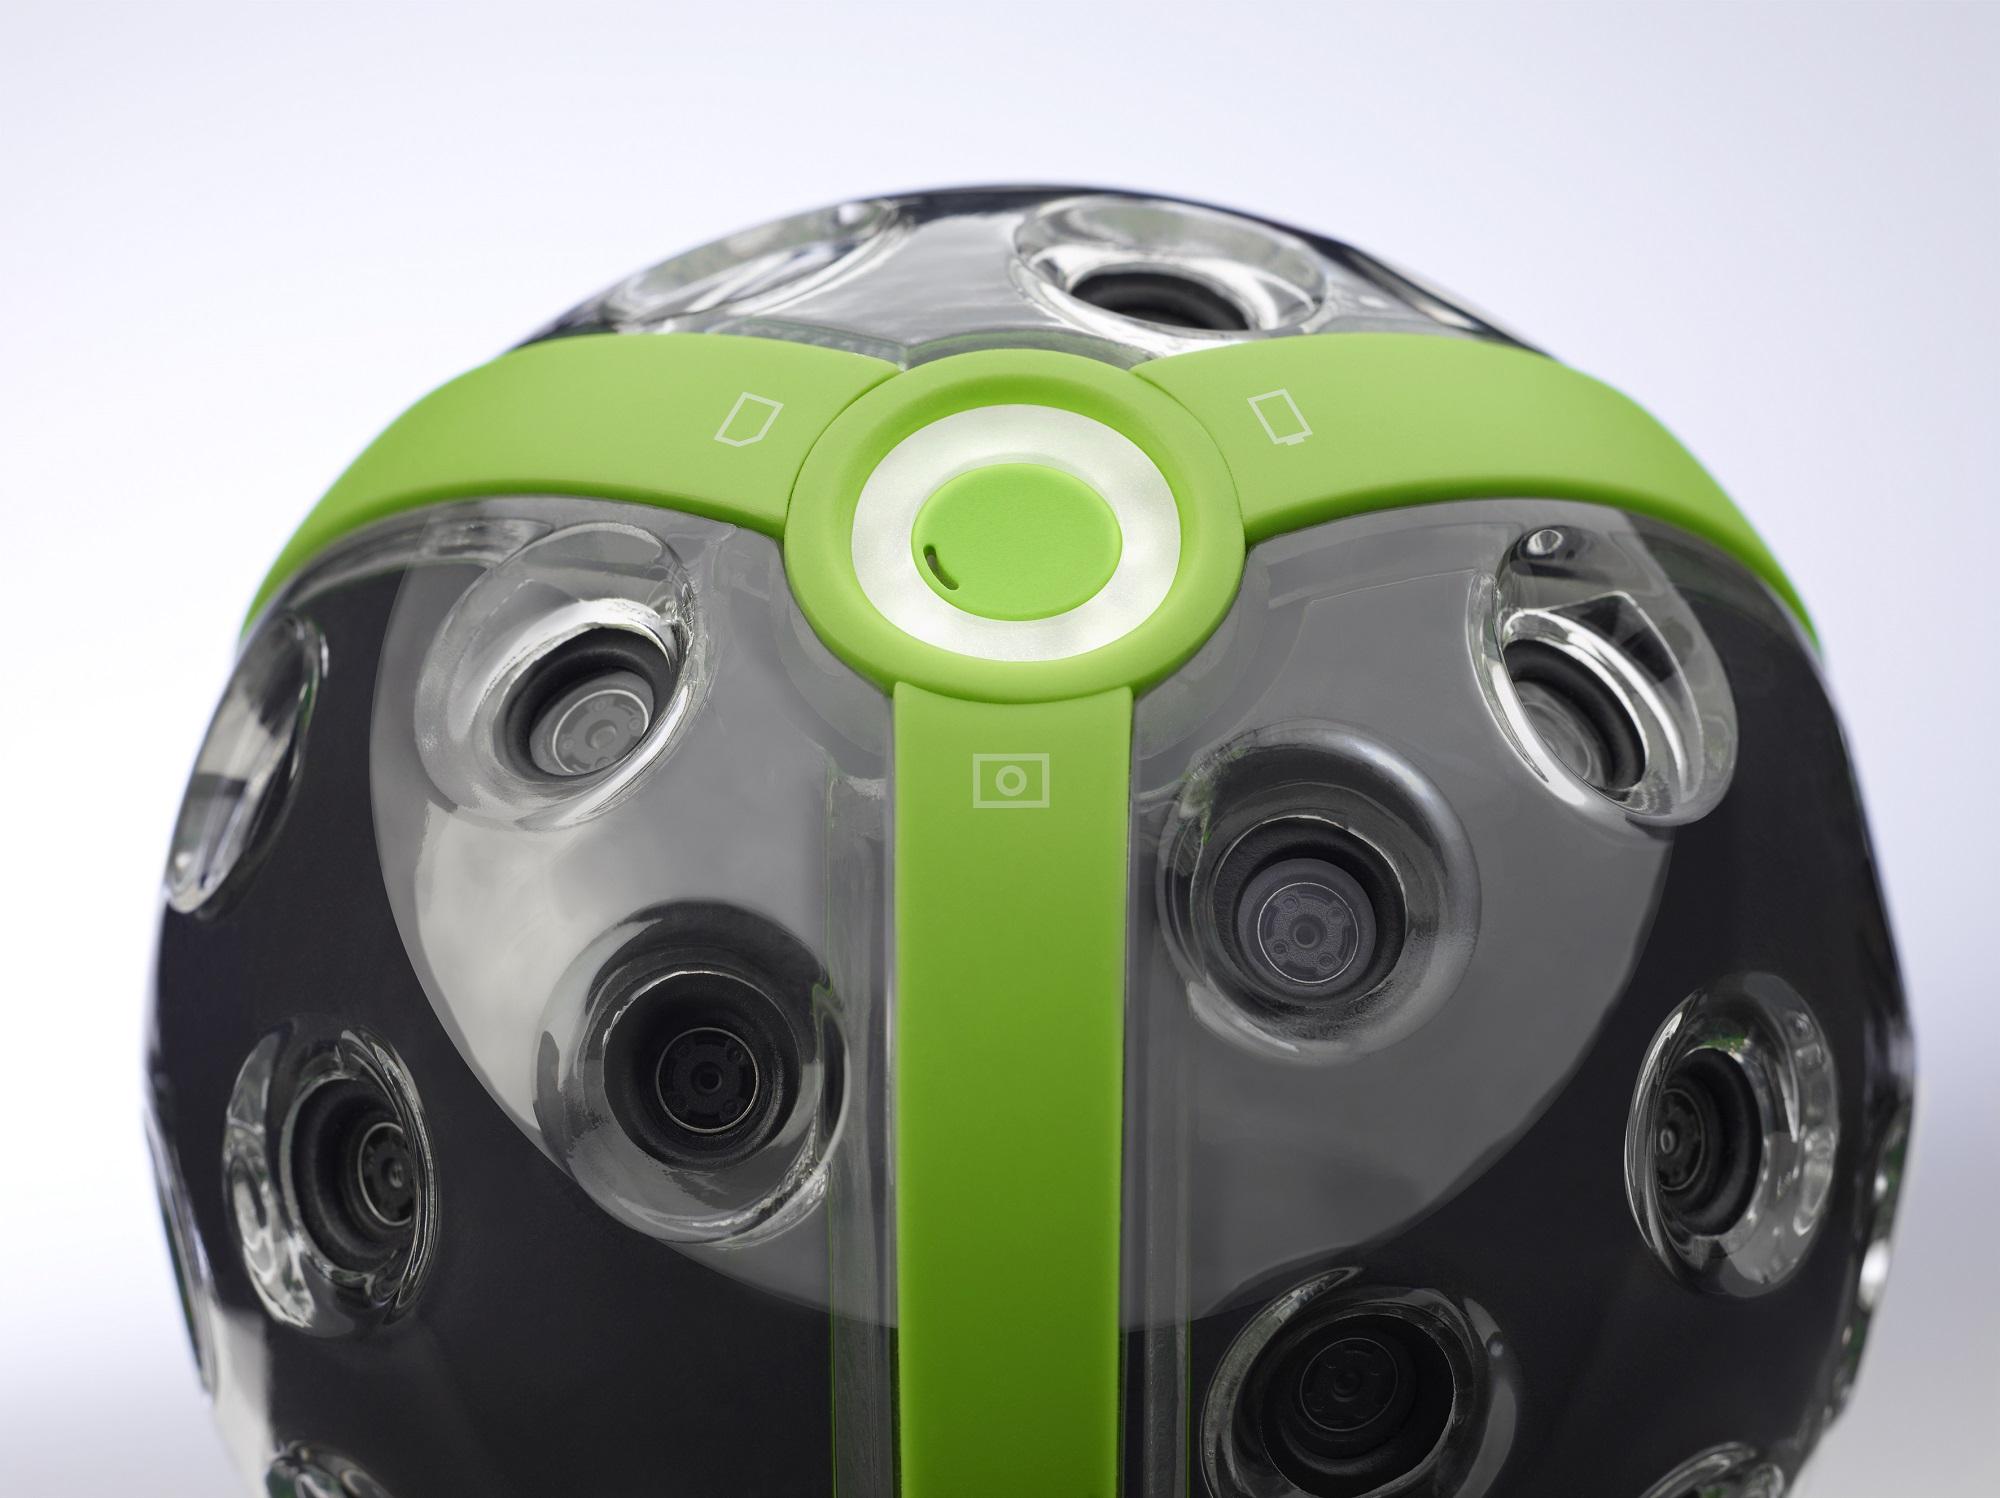 Ezt a kamerát mindenki dobálni fogja